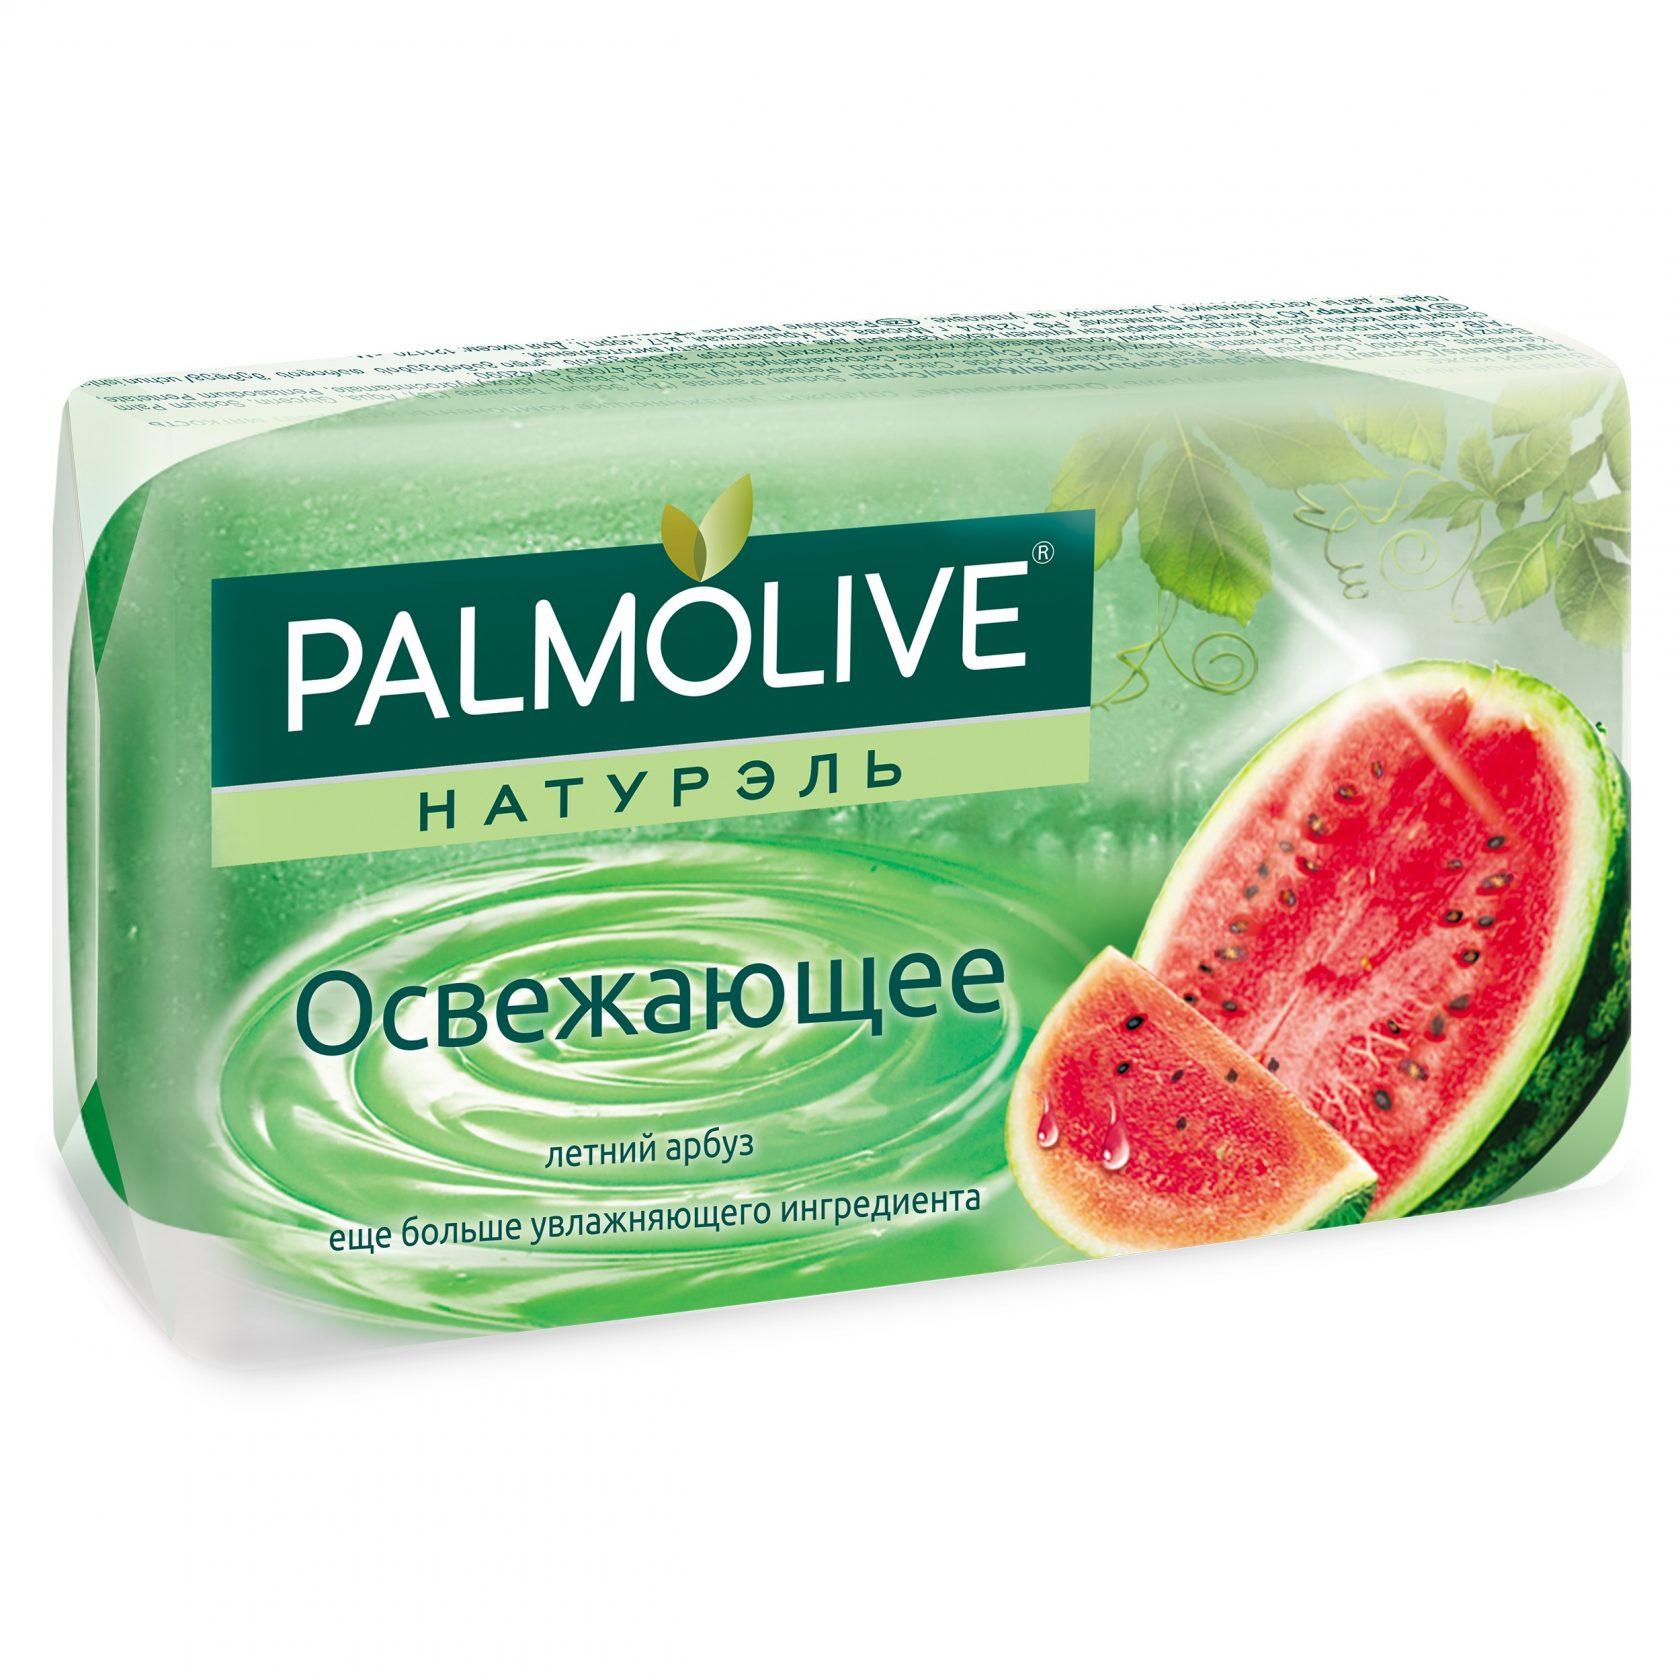 Palmolive мыло освежающее  с глицерином (арбуз) 90гр.